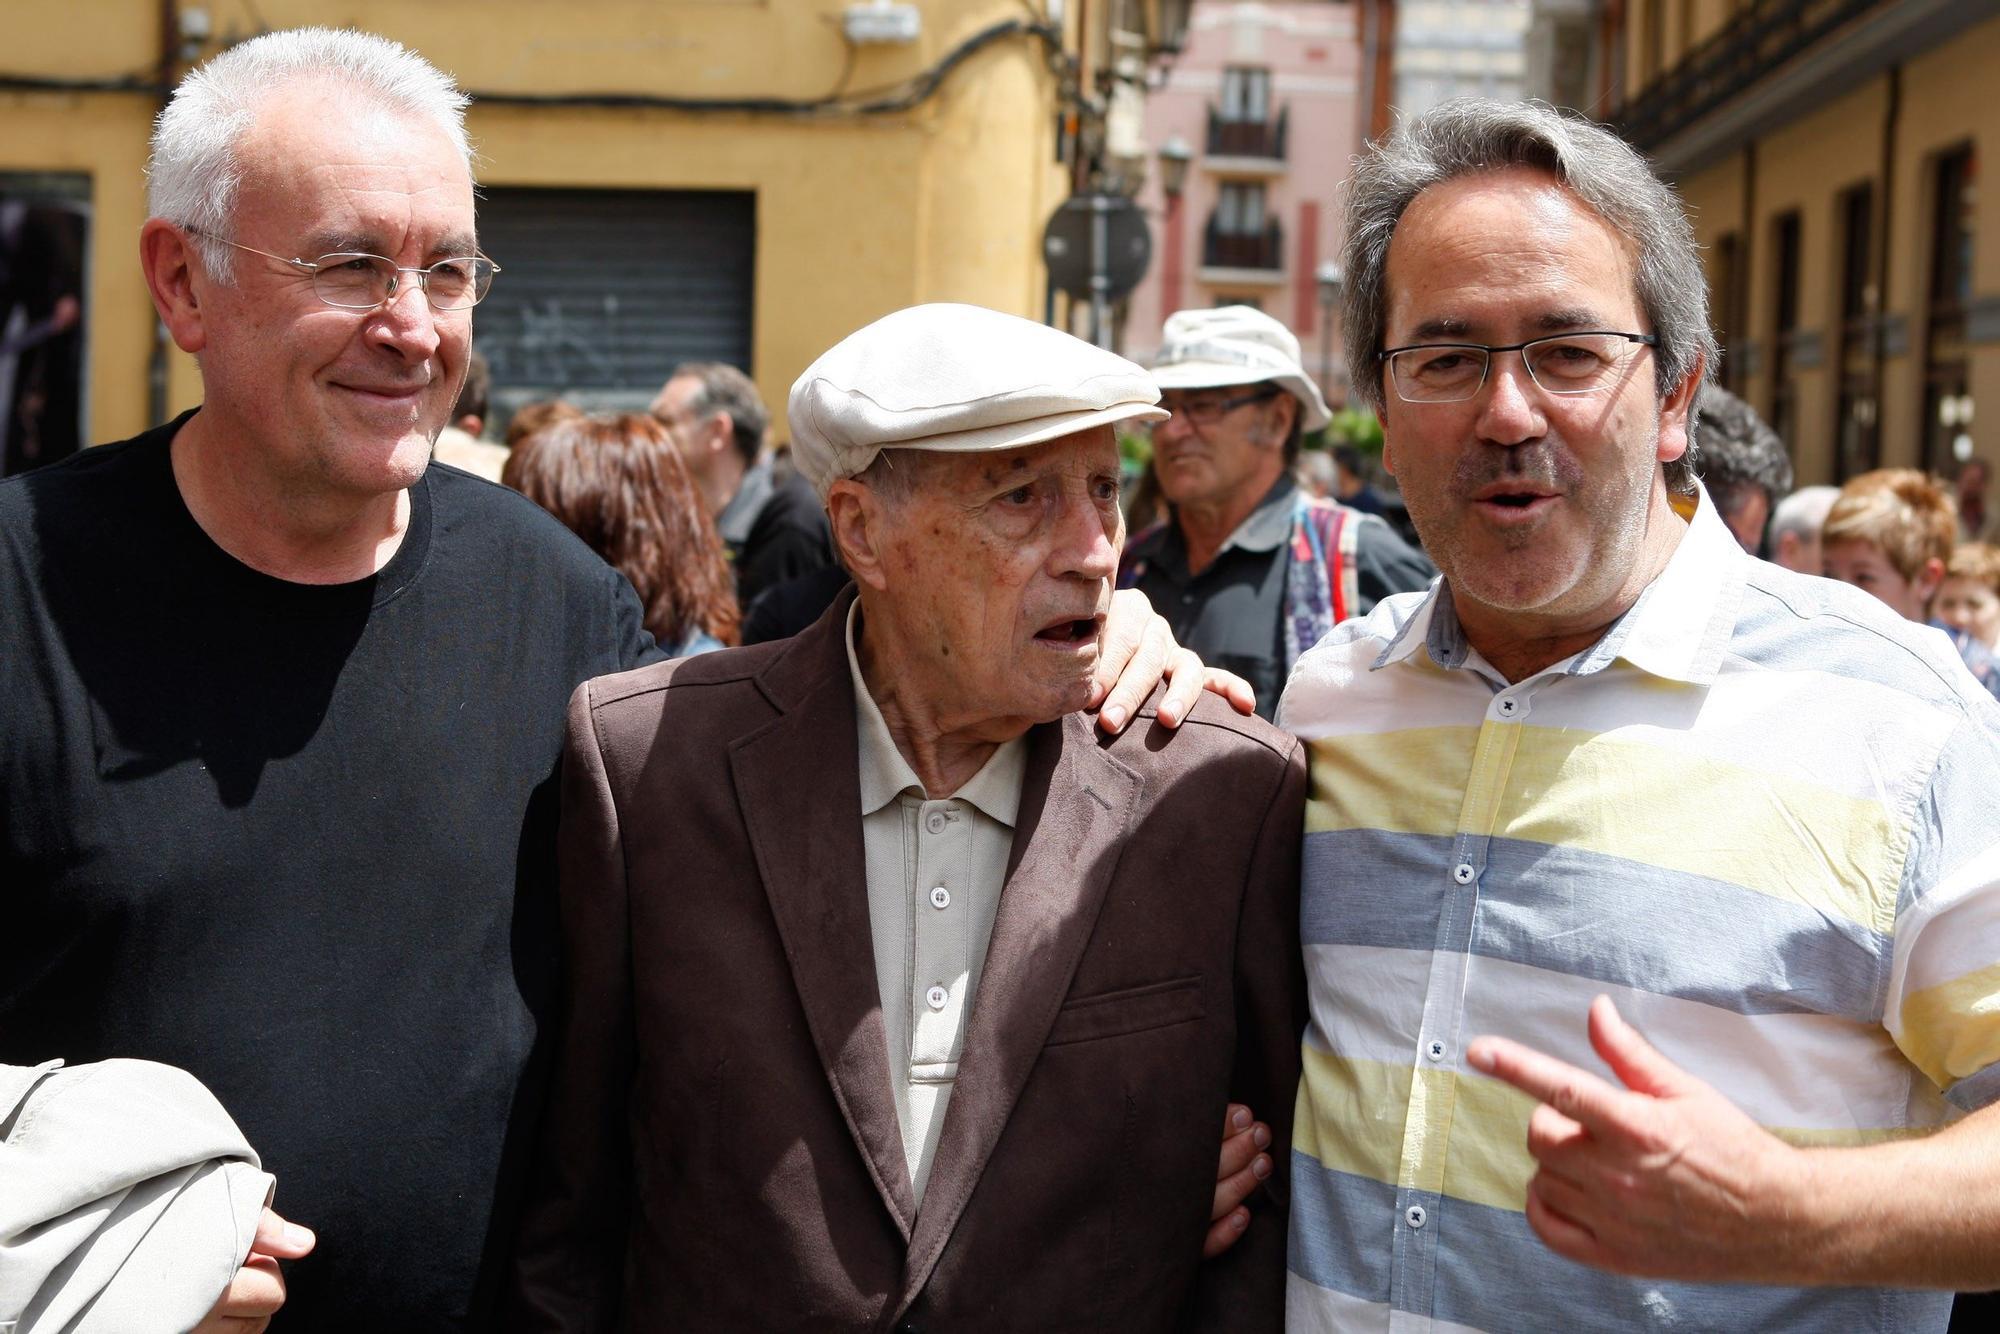 Fallece Amable García, histórico líder del Partido Comunista y de IU en Zamora